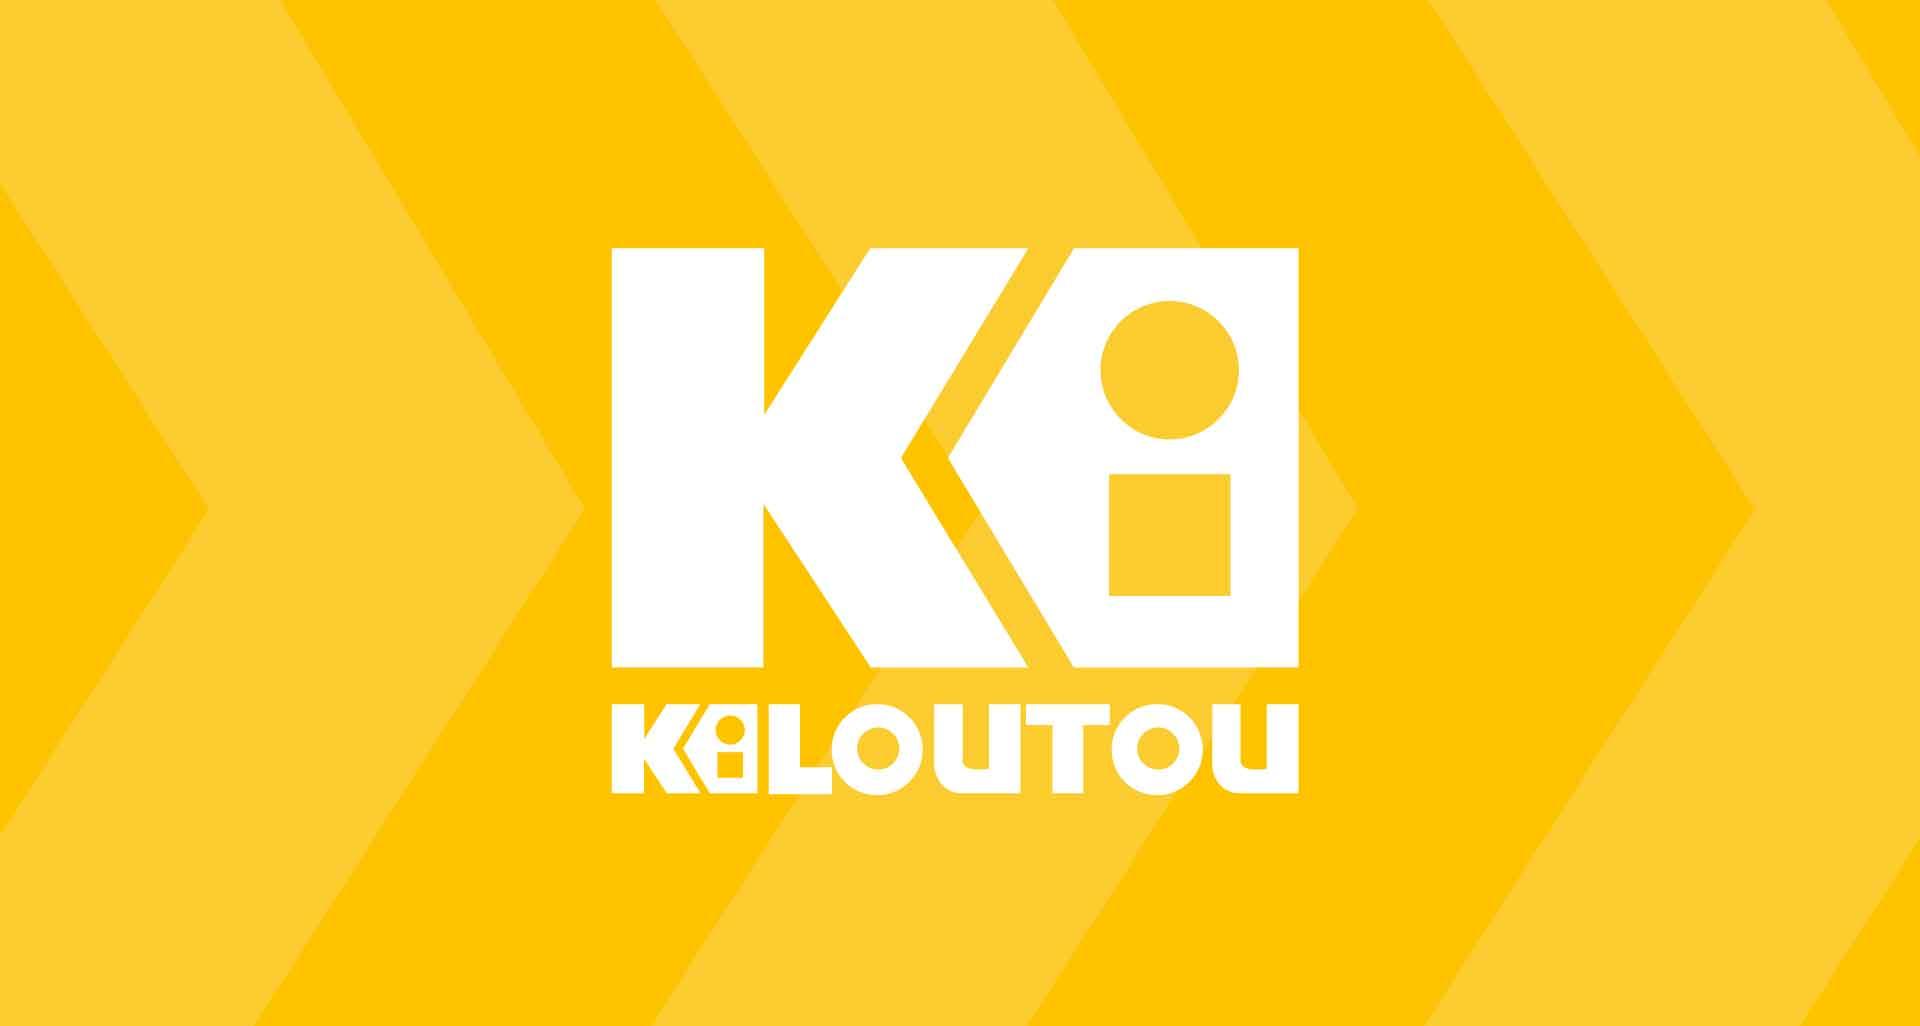 Refonte de l'identité graphique pour Kiloutou par l'agence Cassian